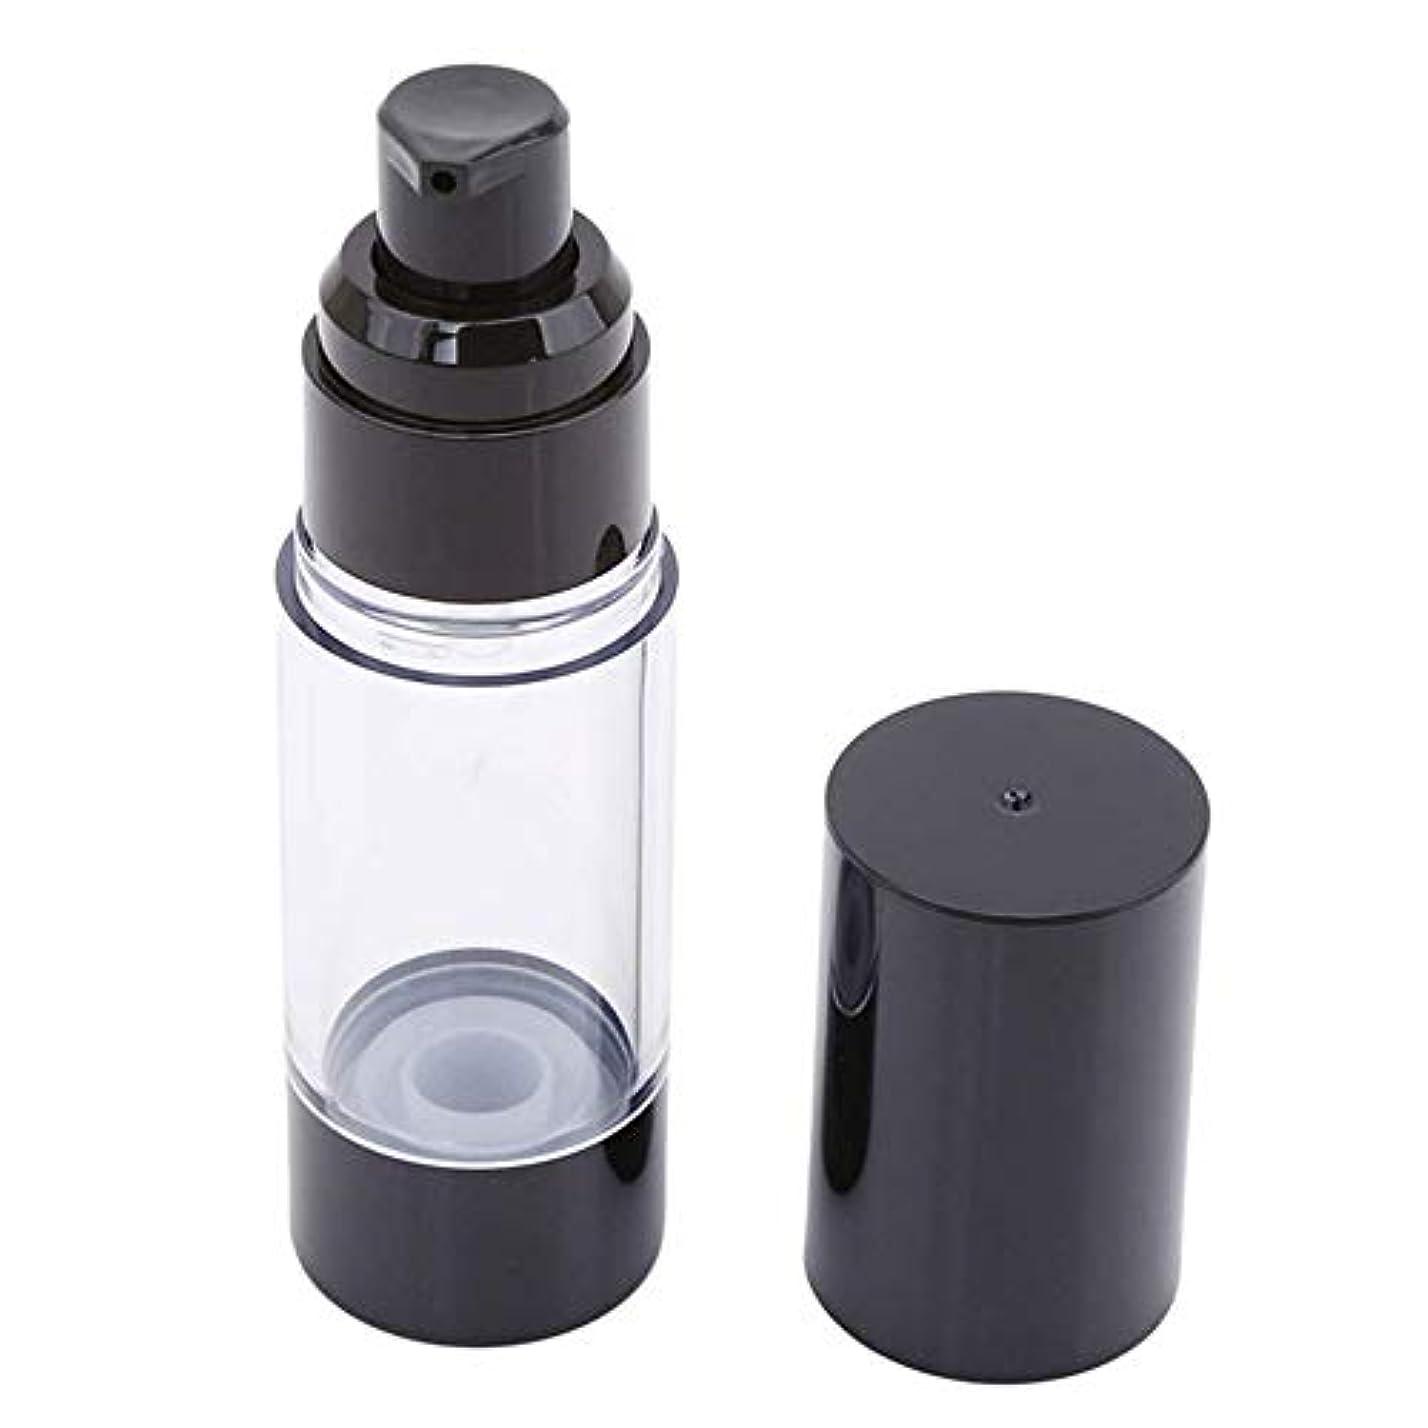 1st market クリエイティブポータブルエアレスボトルトラベル化粧品エマルジョン空収納コンテナ30ミリリットル